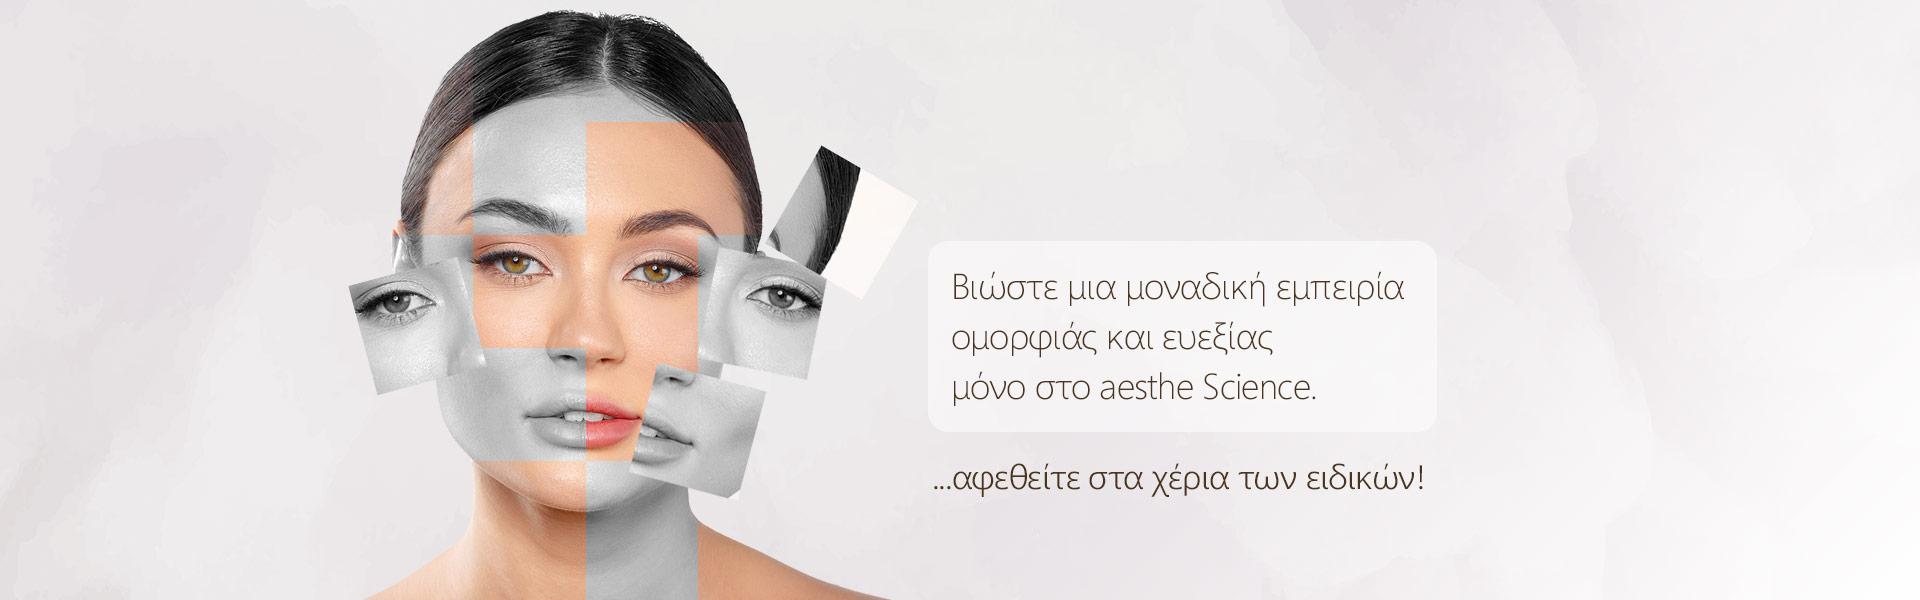 Βιώστε μια μοναδική εμπειρία ομορφιάς και ευεξίας μόνο στο aesthe Science.